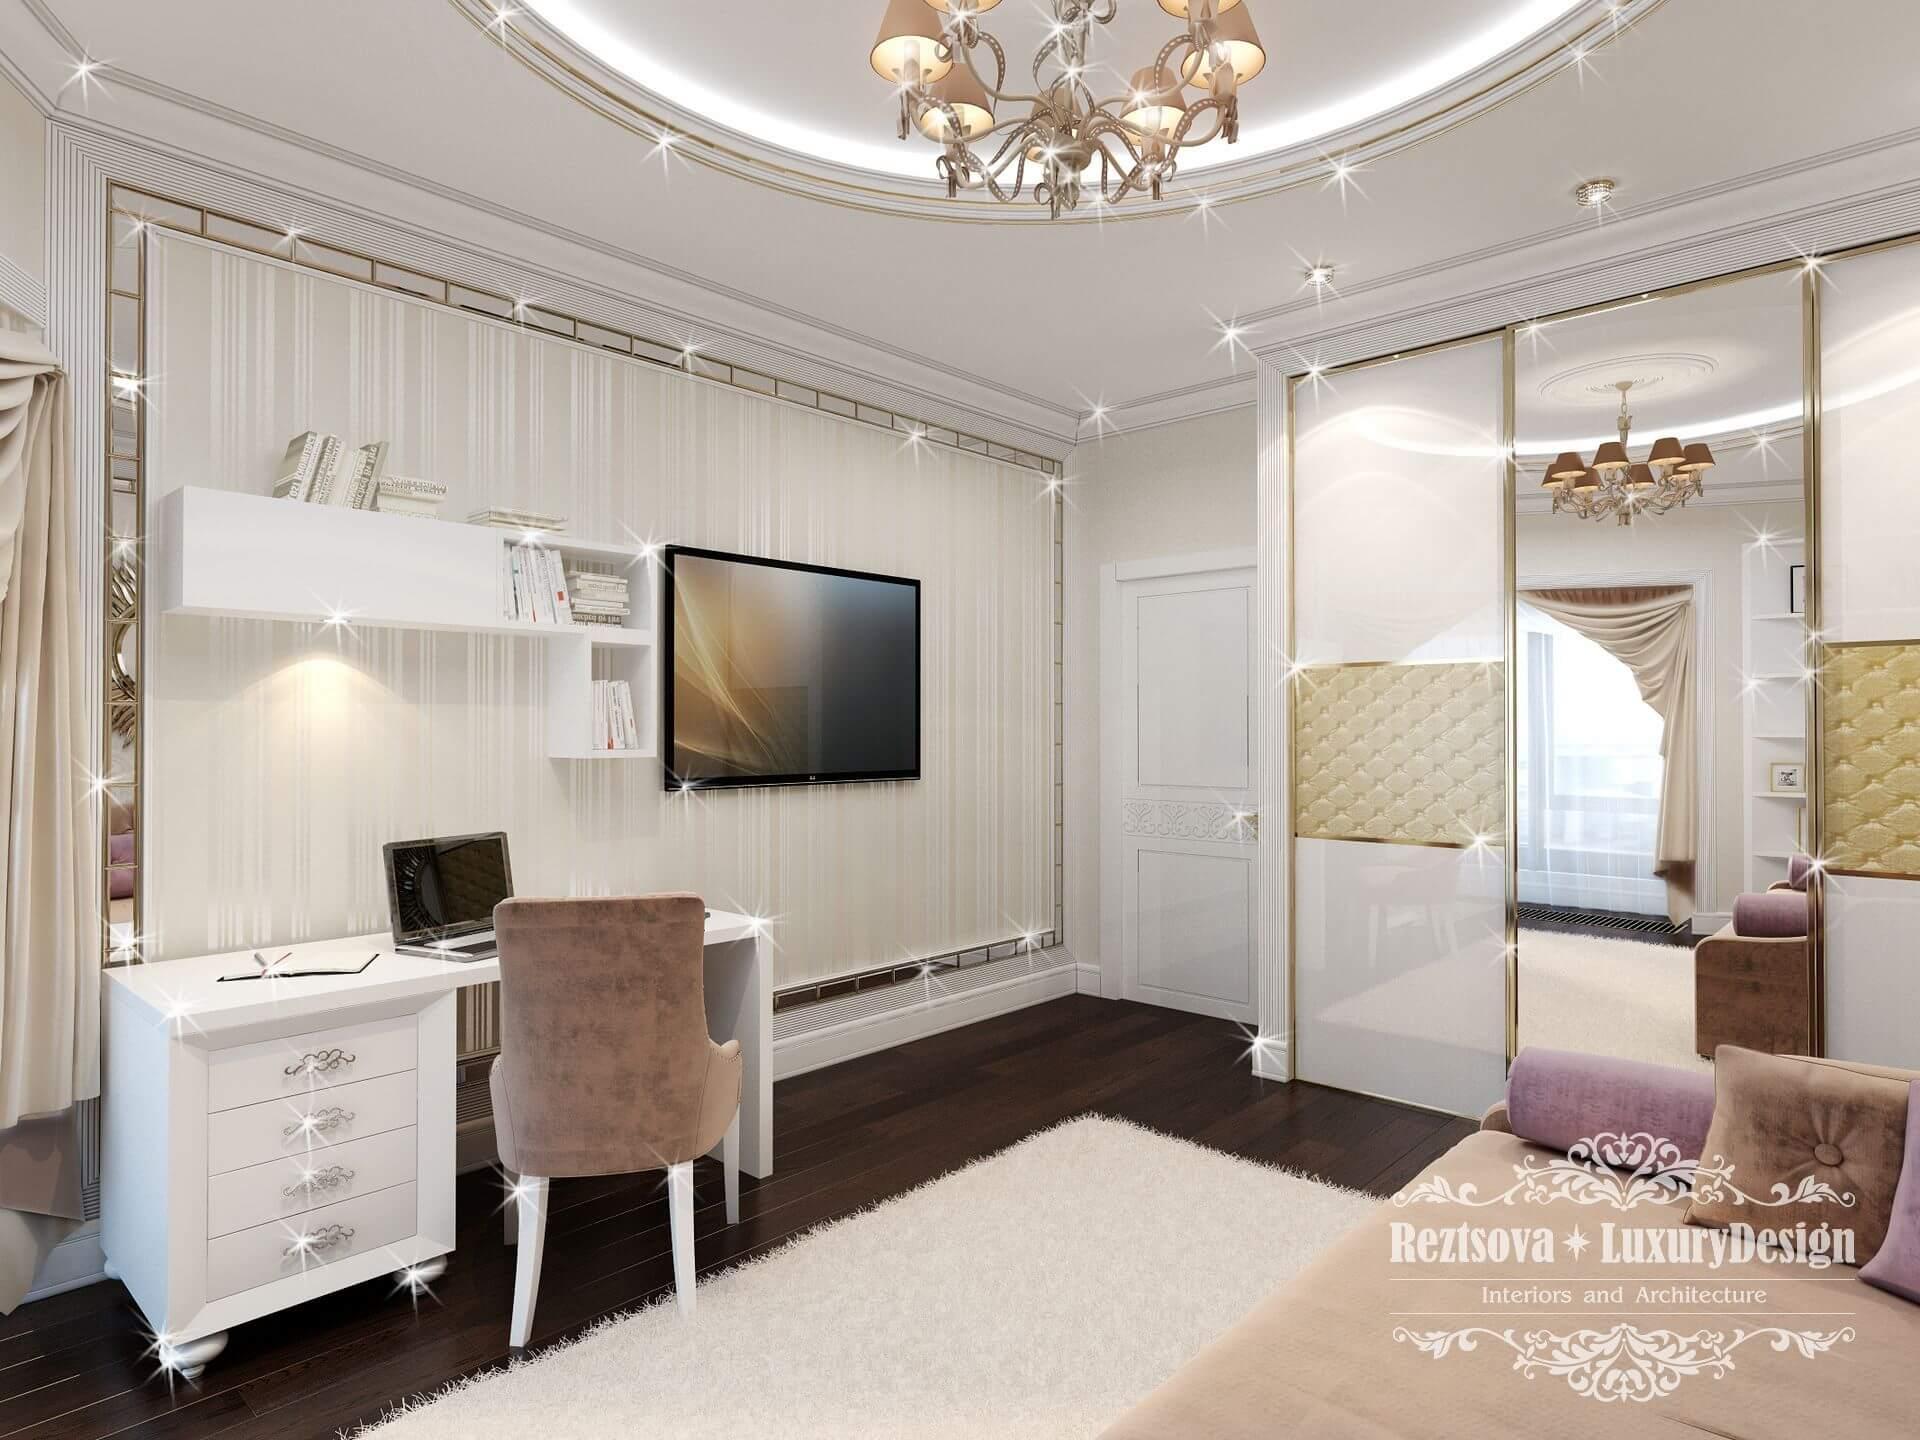 Цены на дизайн проект интерьера в москве